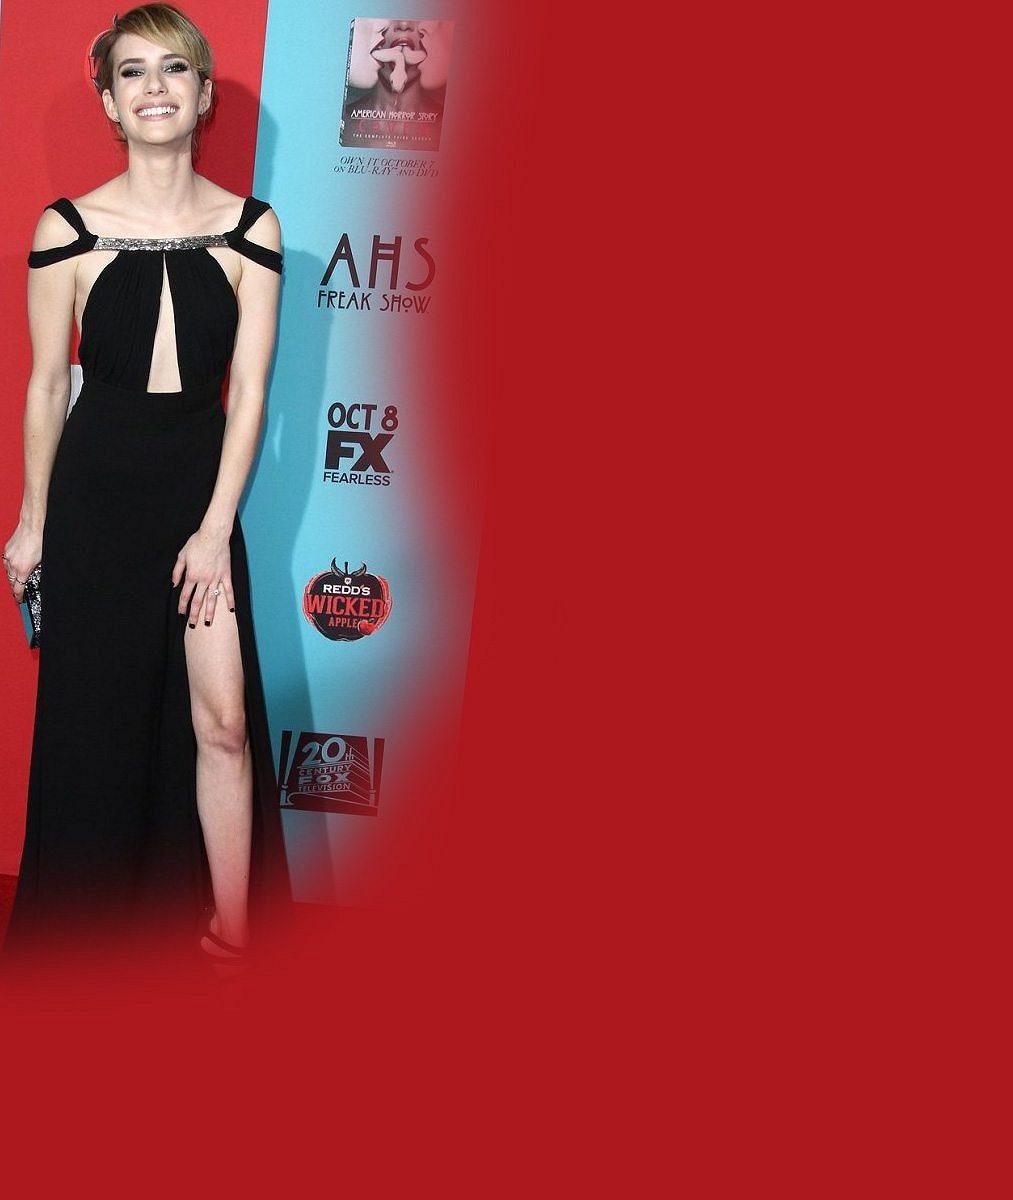 Nahradí Julii Roberts? Neteř slavné herečky má stejně nekonečně dlouhé nohy jako její dokonalá tetička